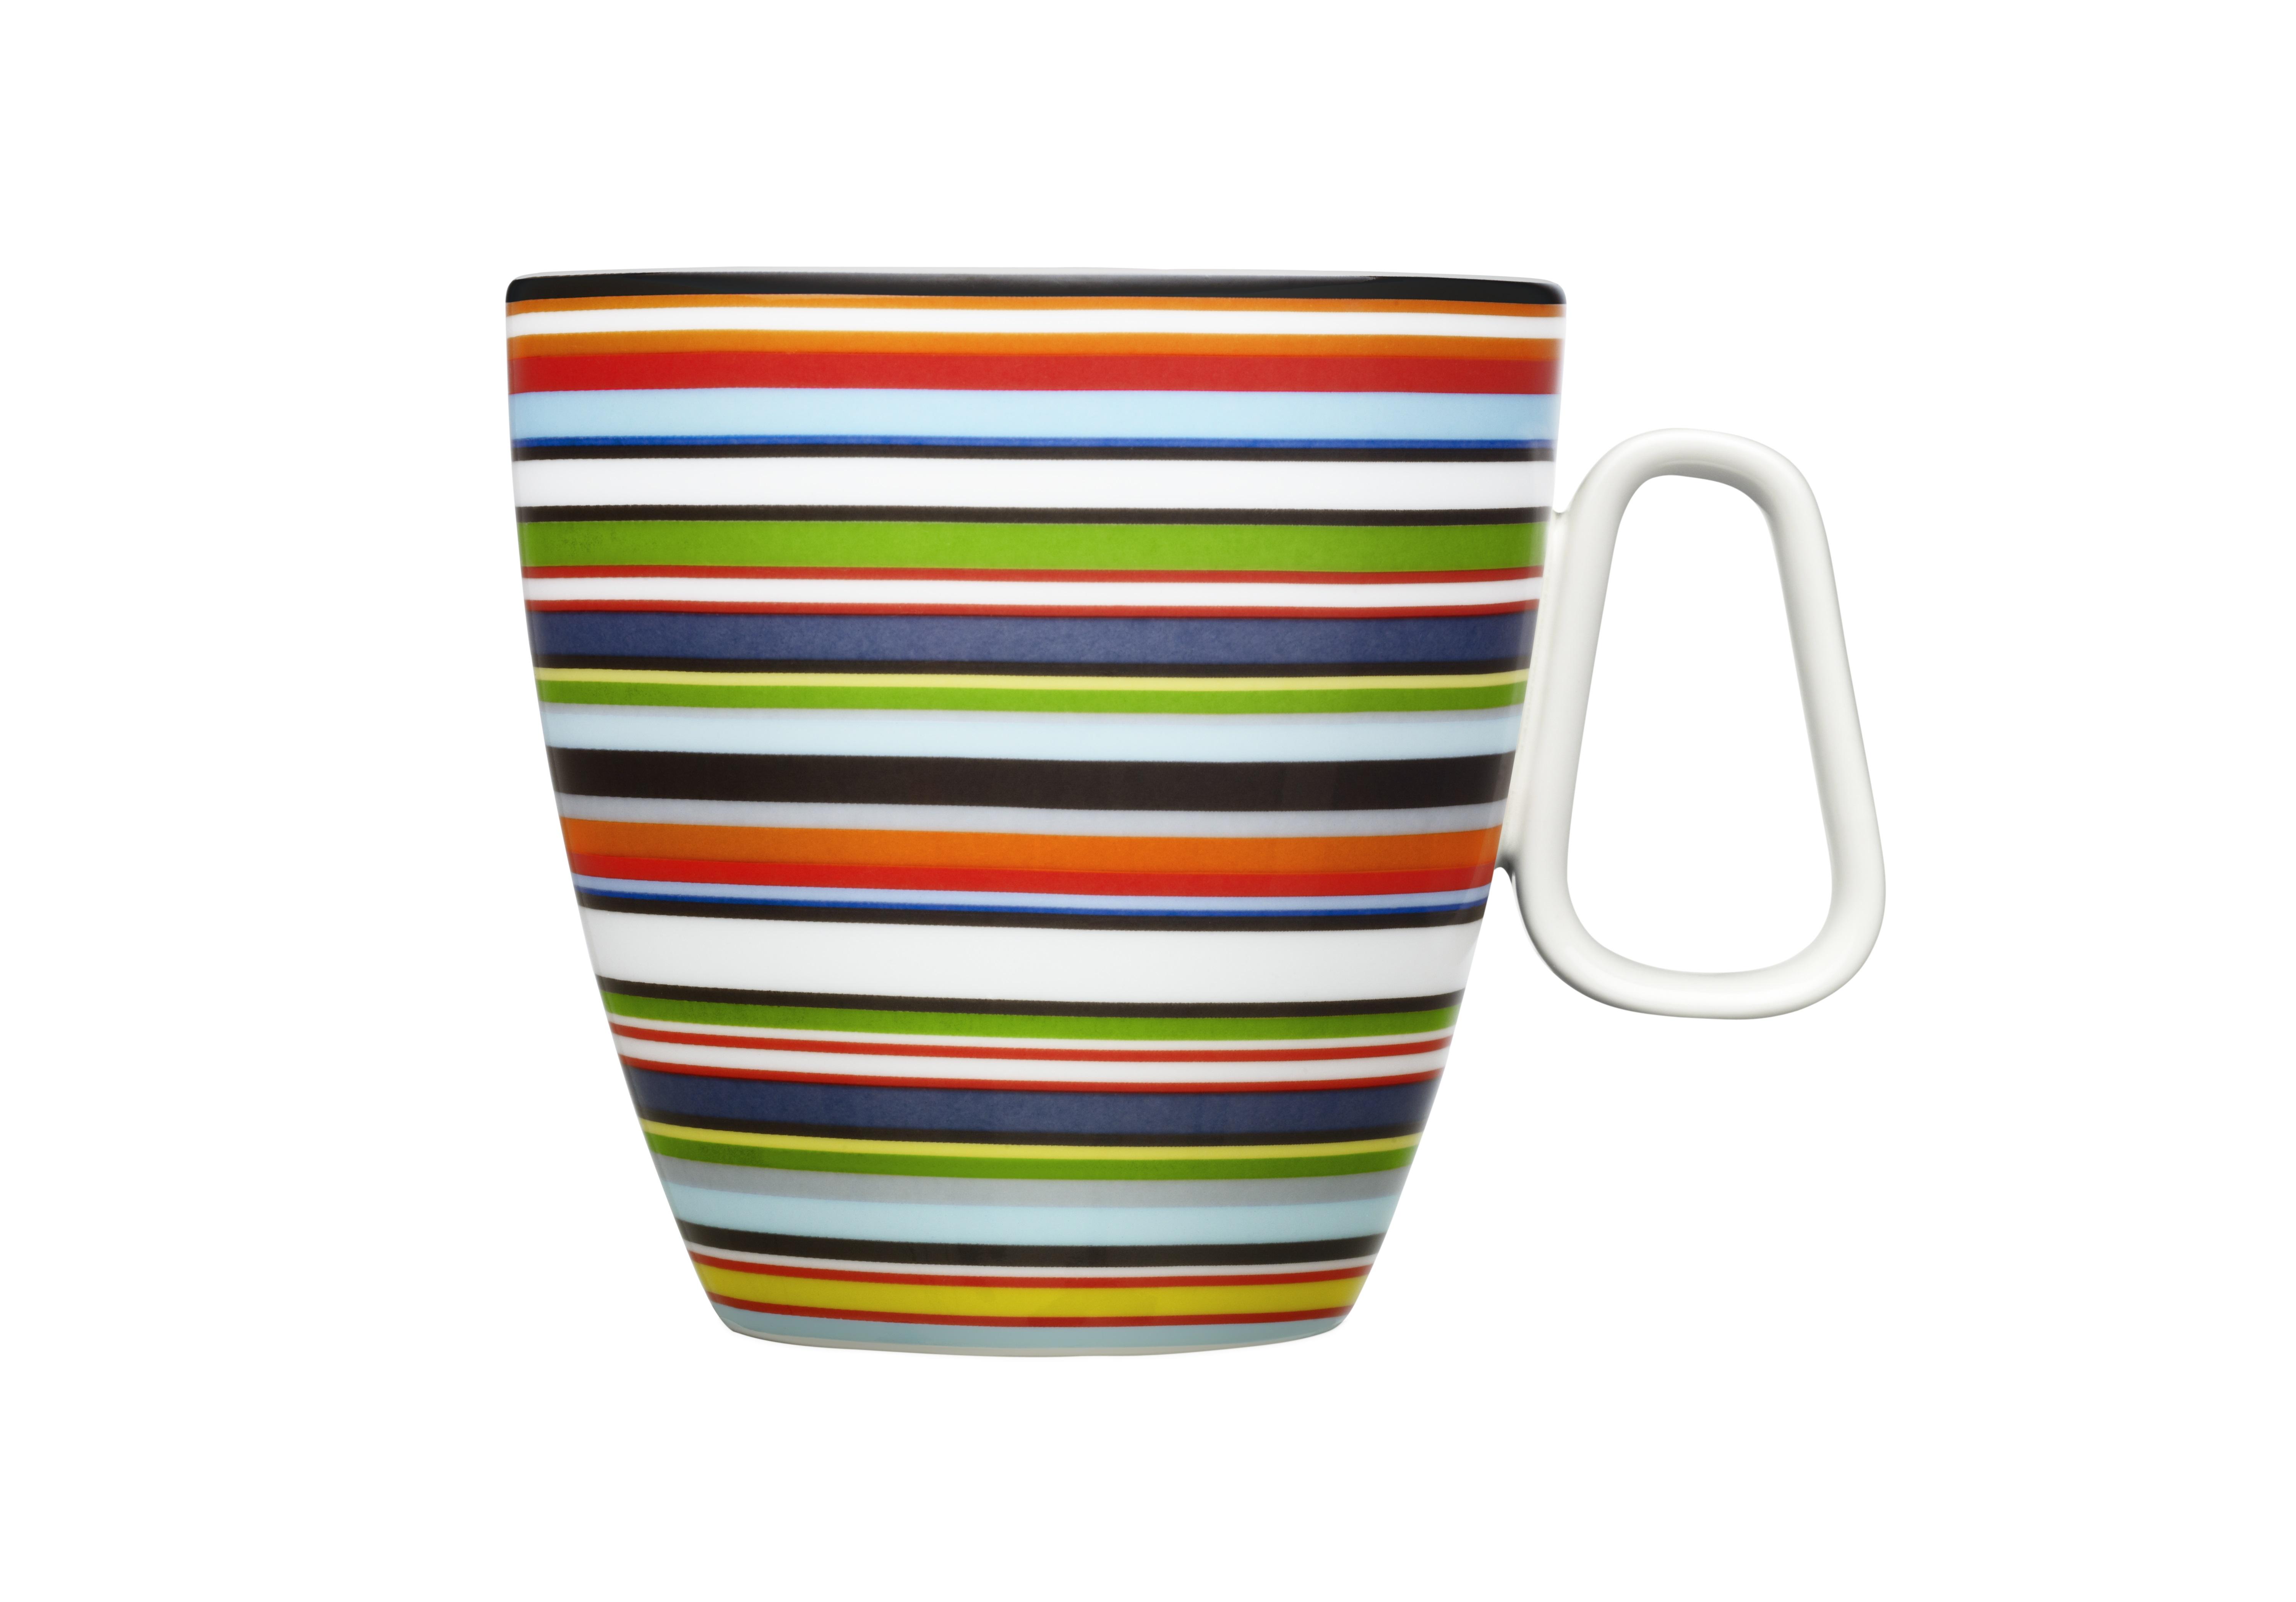 Чашка OrigoЧайные пары, чашки и кружки<br>Смелый полосатый рисунок посуды серии Origo будет свежо смотреться на любой кухне. Посуда прекрасно сочетается с посудой других серий Iittala и подходит для приёма любой пищи. Впервые серия вышла 1999 году и с того момента стала невероятно популярной во всем мире.<br><br>Material: Фарфор<br>Ширина см: 12<br>Высота см: 9<br>Глубина см: 9